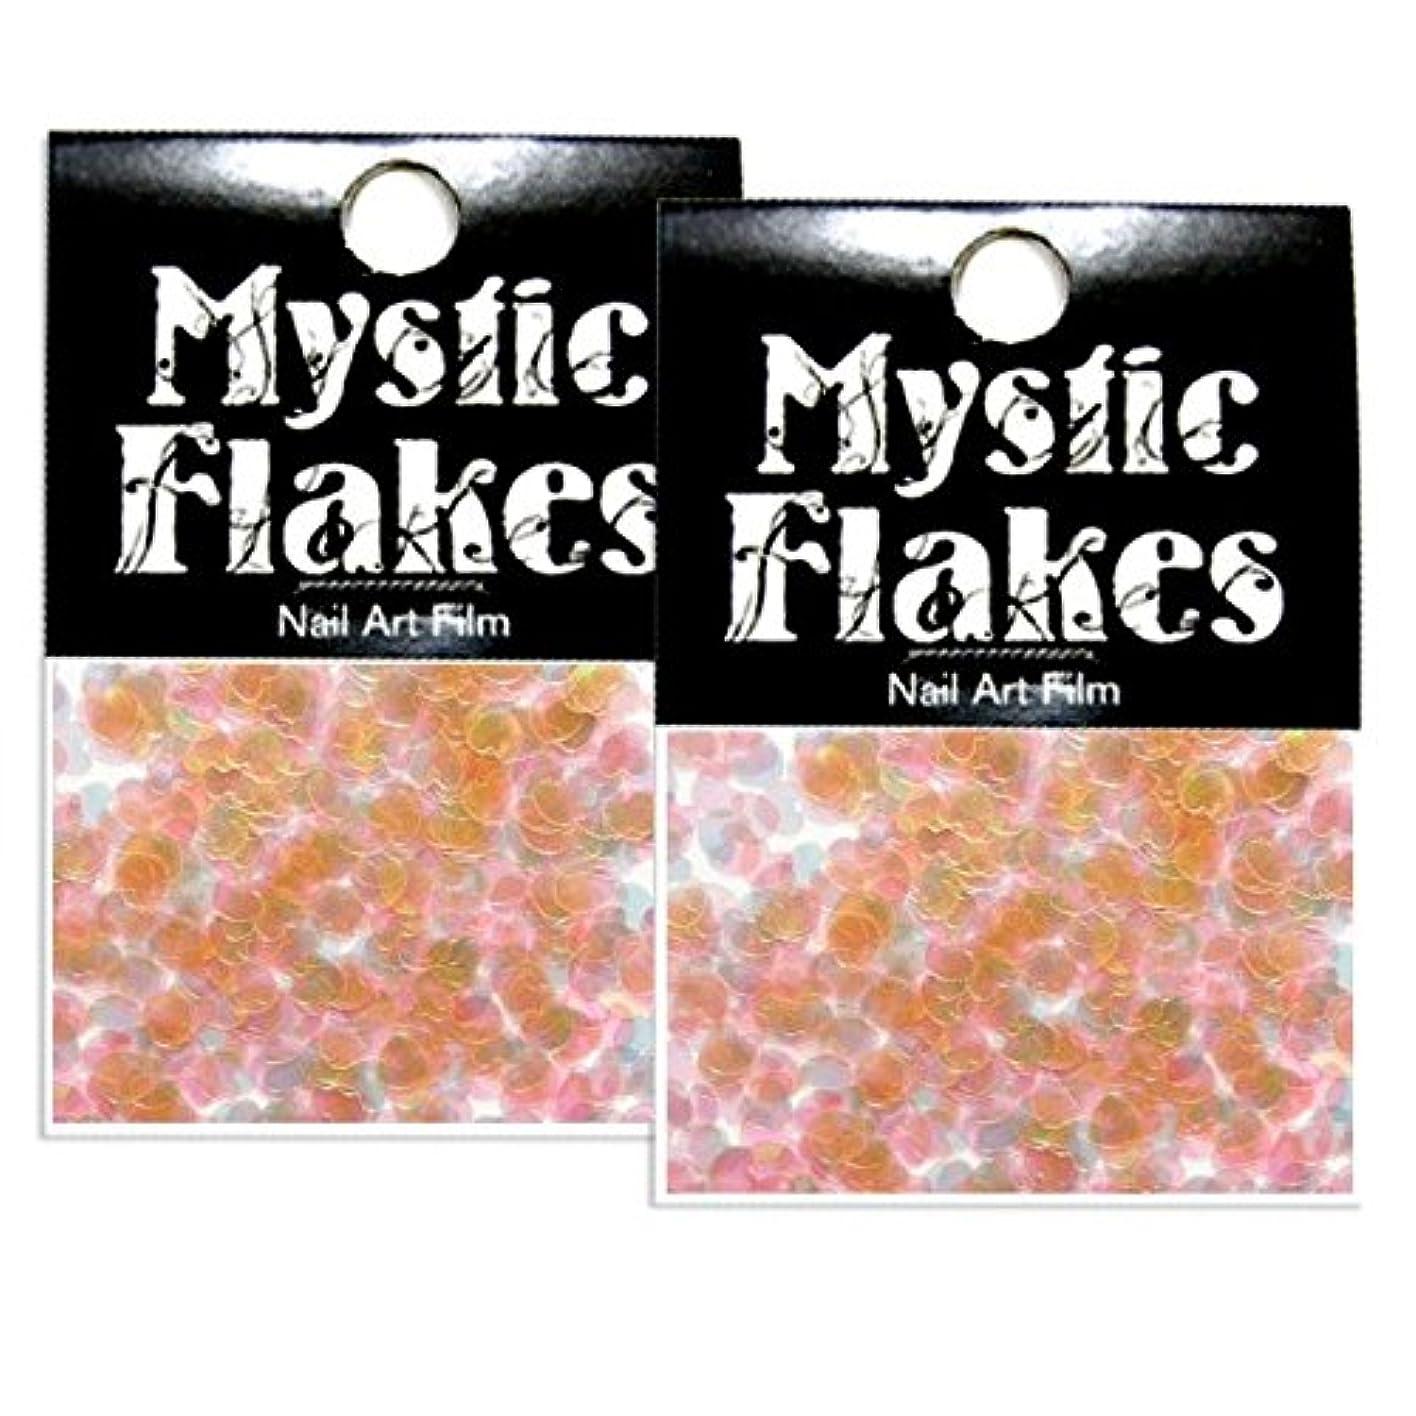 ギャザー穀物批判ミスティックフレース ネイル用ストーン パールオレンジ ミニハート 0.5g 2個セット